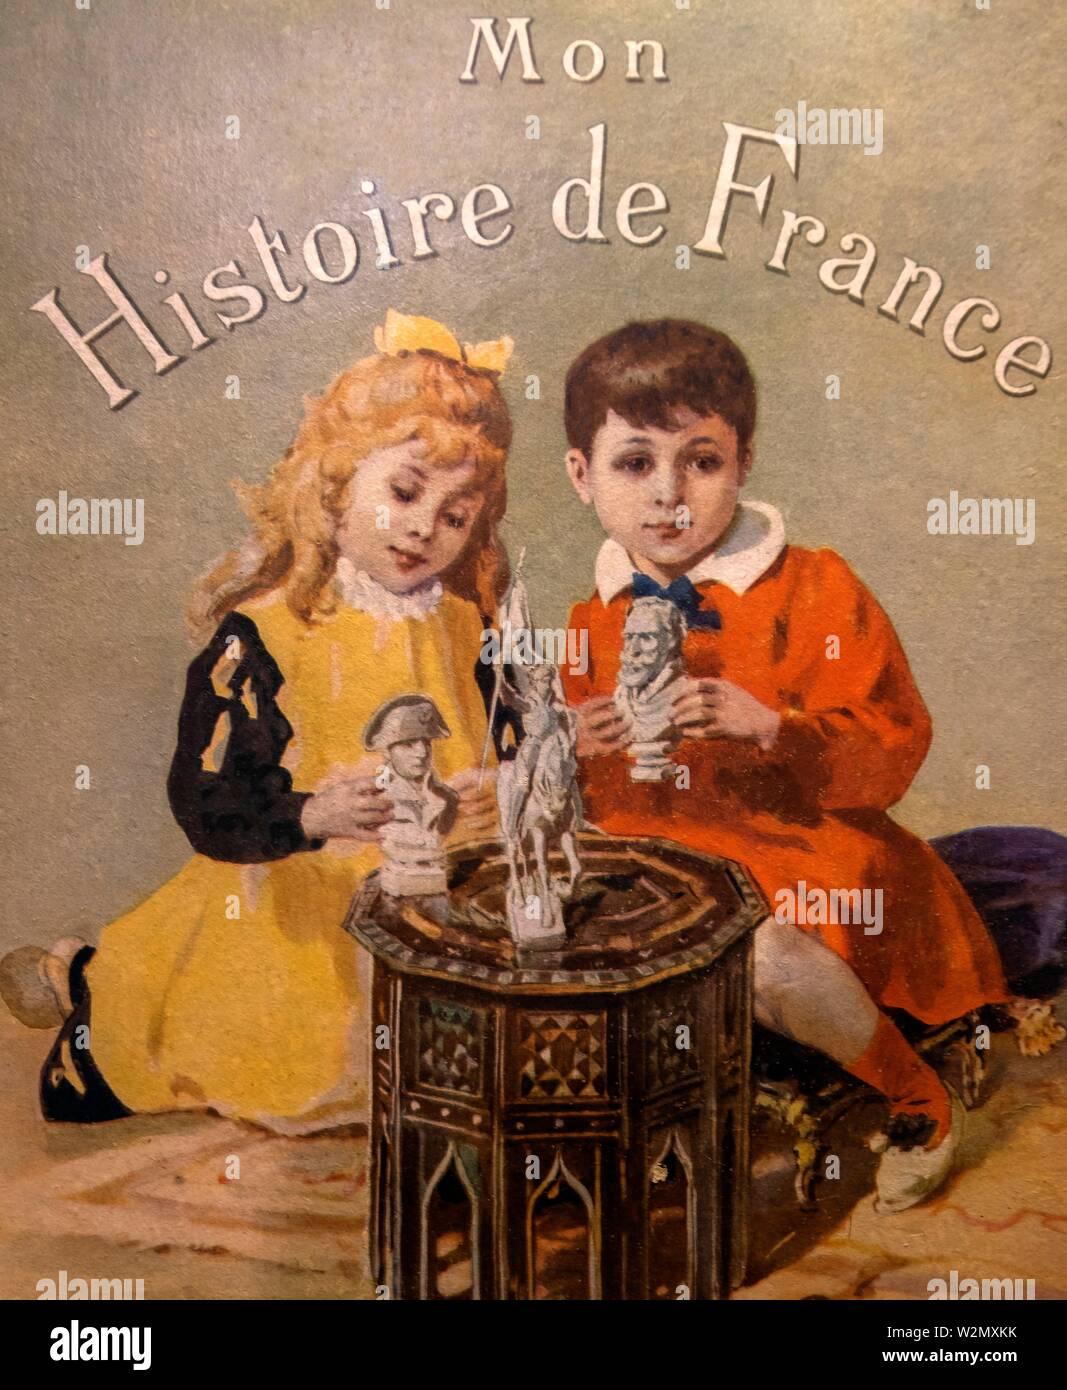 Francia, la cubierta de un libro de historia de Francia para los niños, en 1890. Imagen De Stock